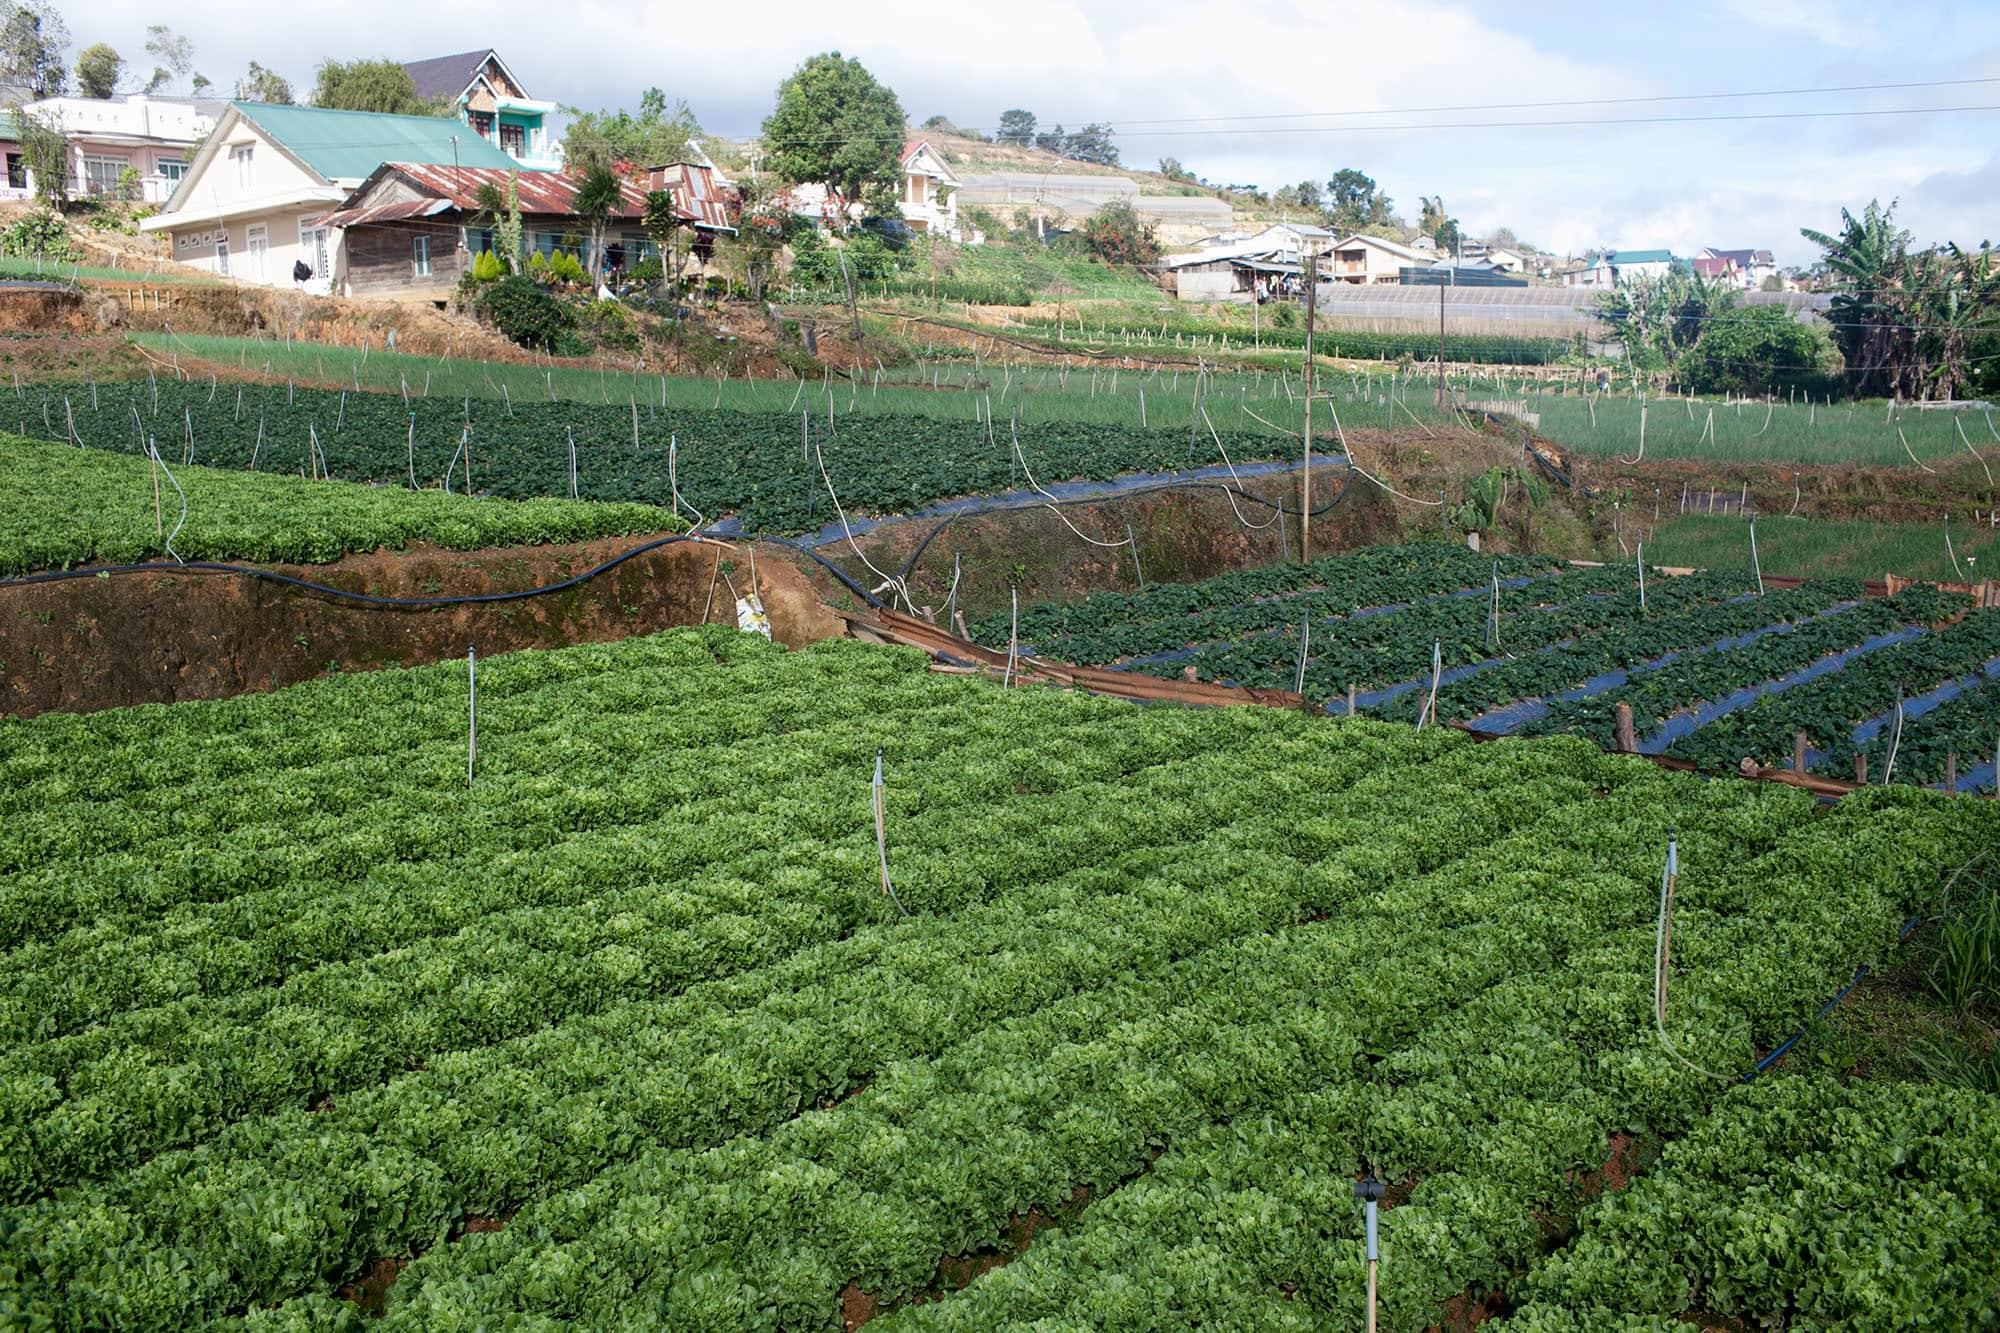 Vegetable farms in Dalat, Vietnam - Dalat Countryside Tour in Vietnam